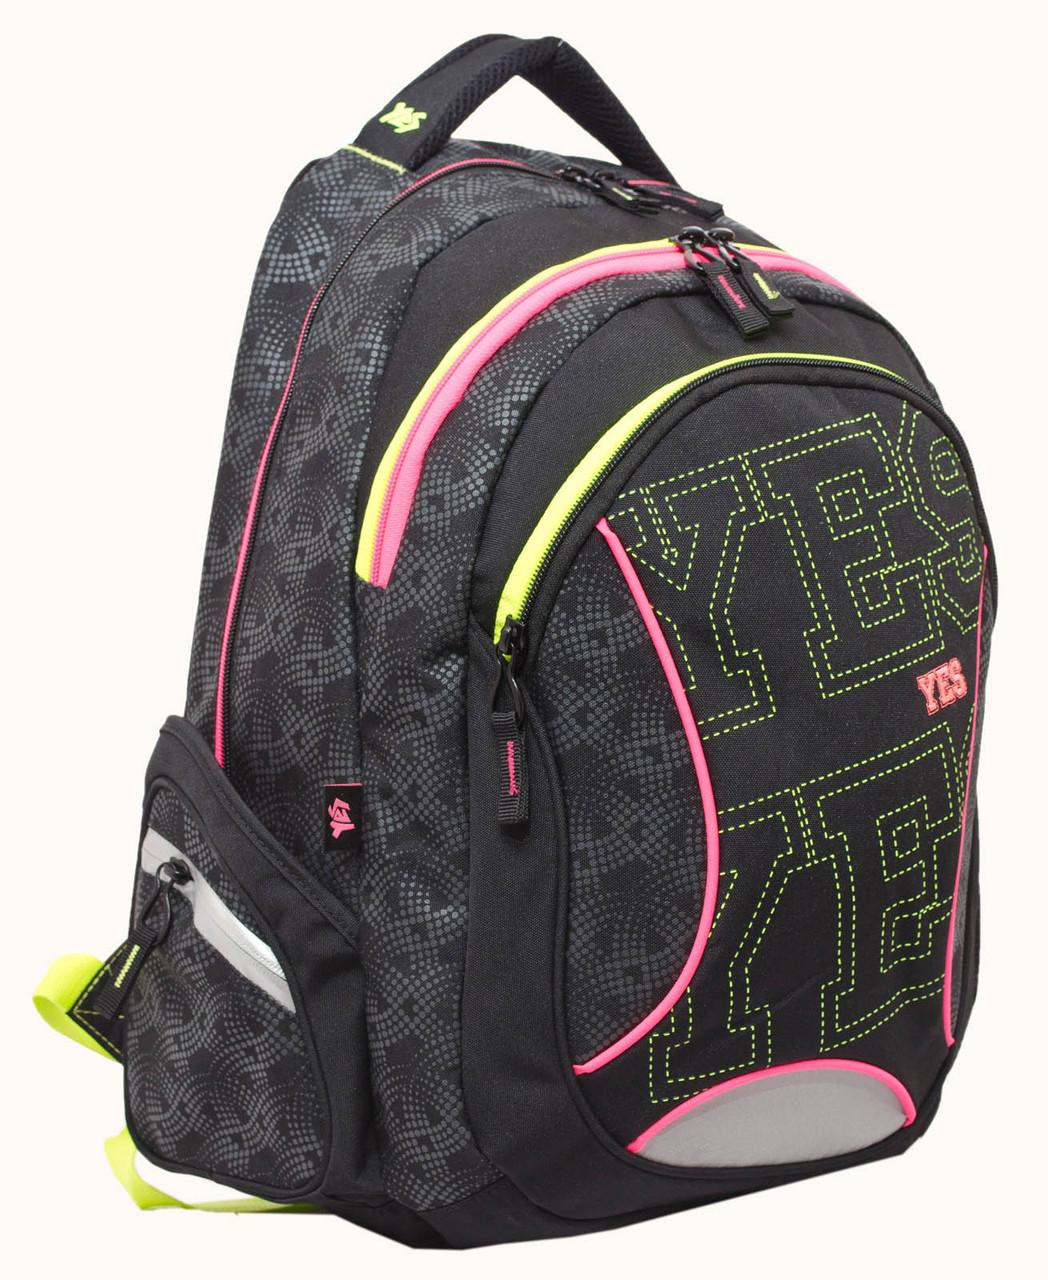 Рюкзак школьный для подростка YES Т-24 Neono 42*32*23см код: 552658